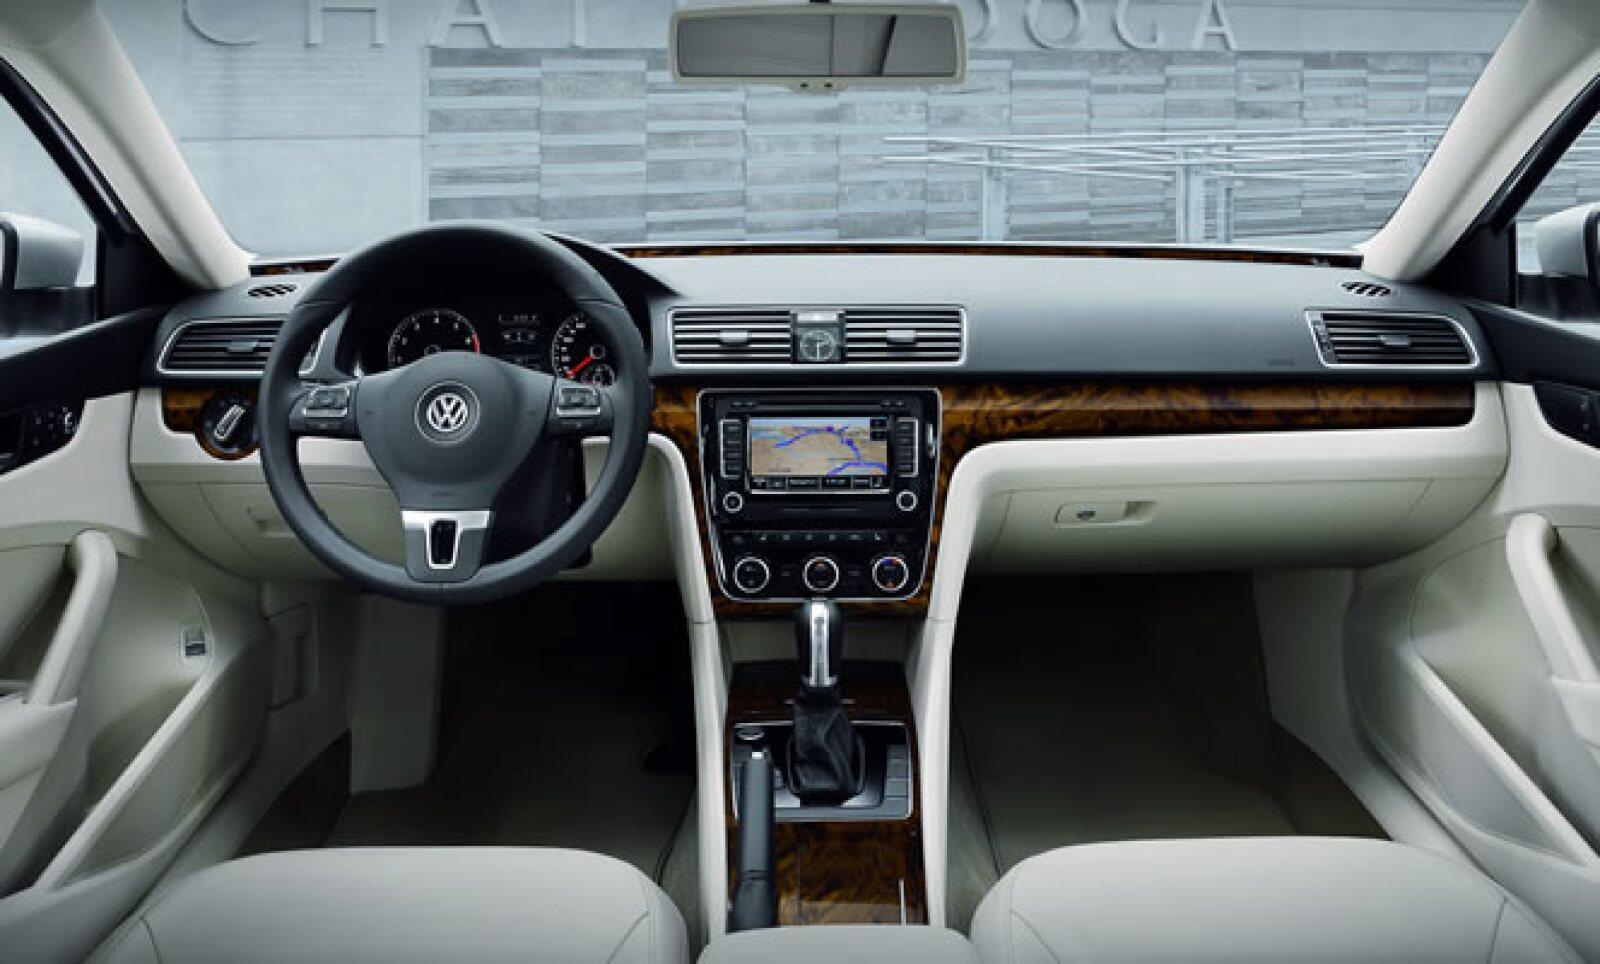 El diseño interior también está dominado por líneas horizontales y verticales, con armonía entre sus elementos y asientos de piel.